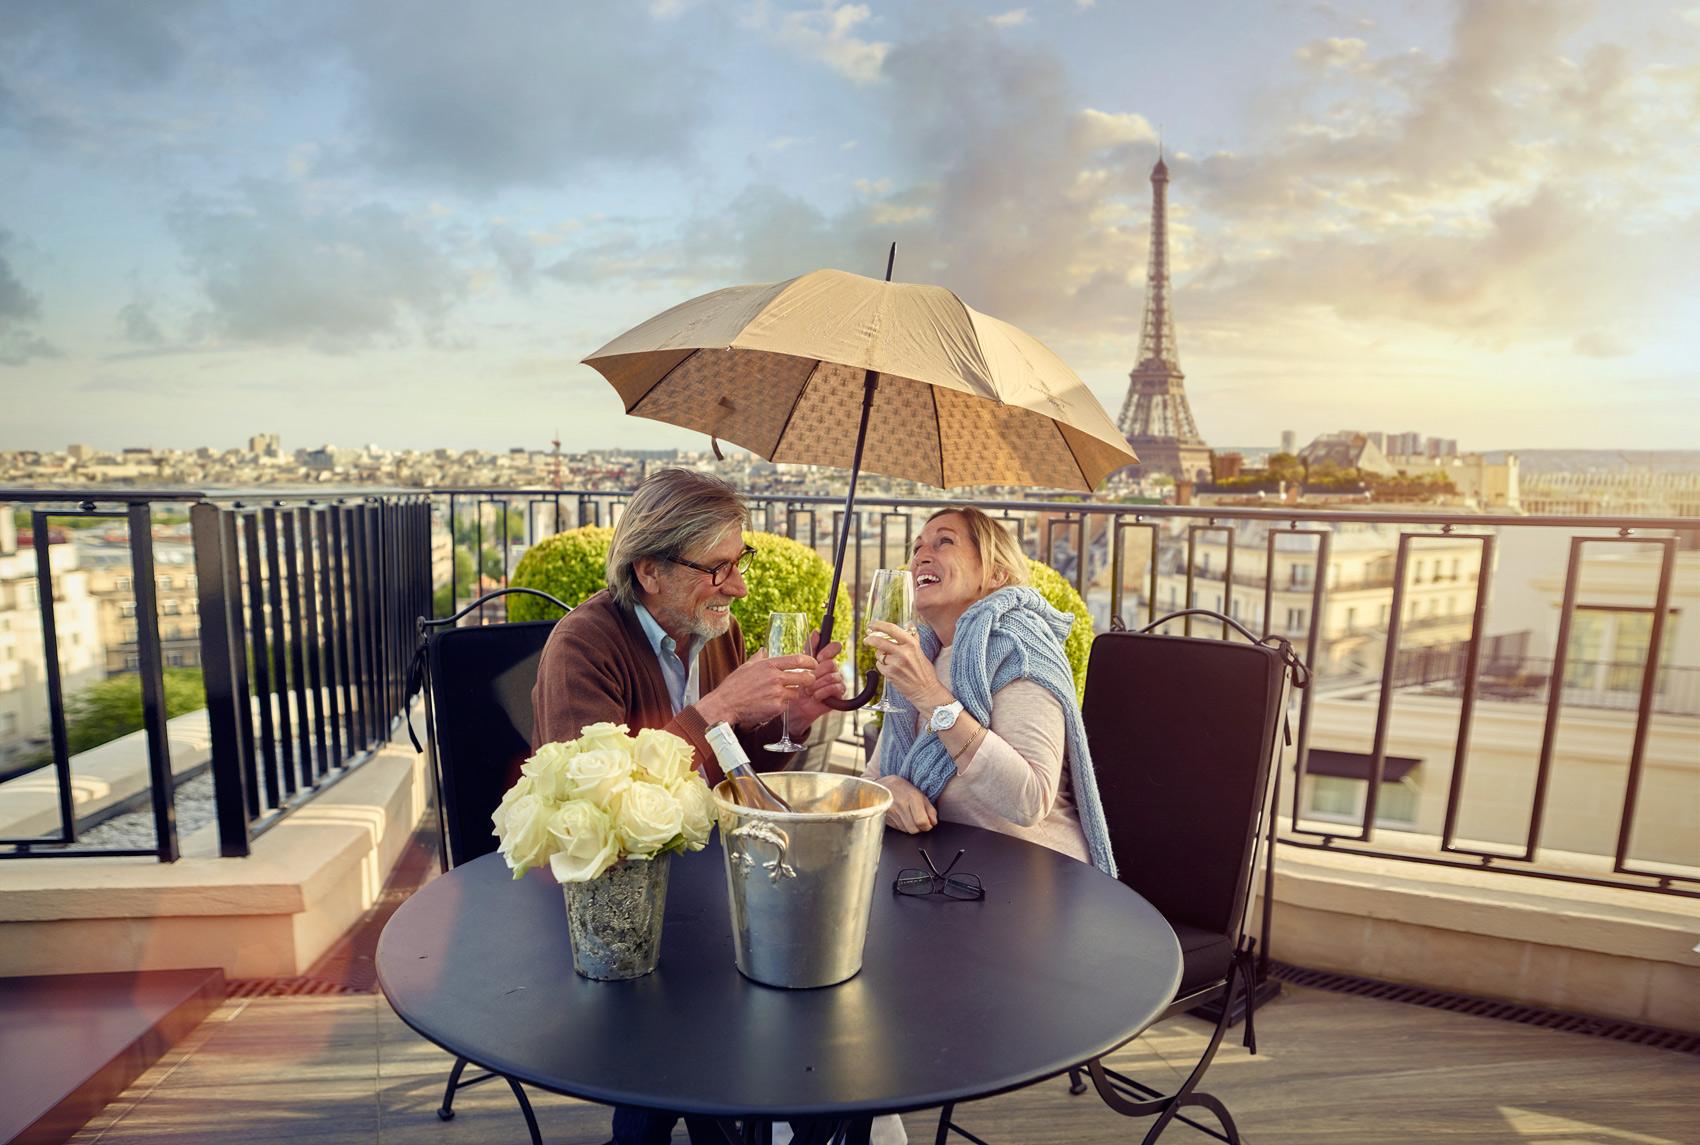 EuropeTravel_ParisFS_AtAtble_v1.jpg